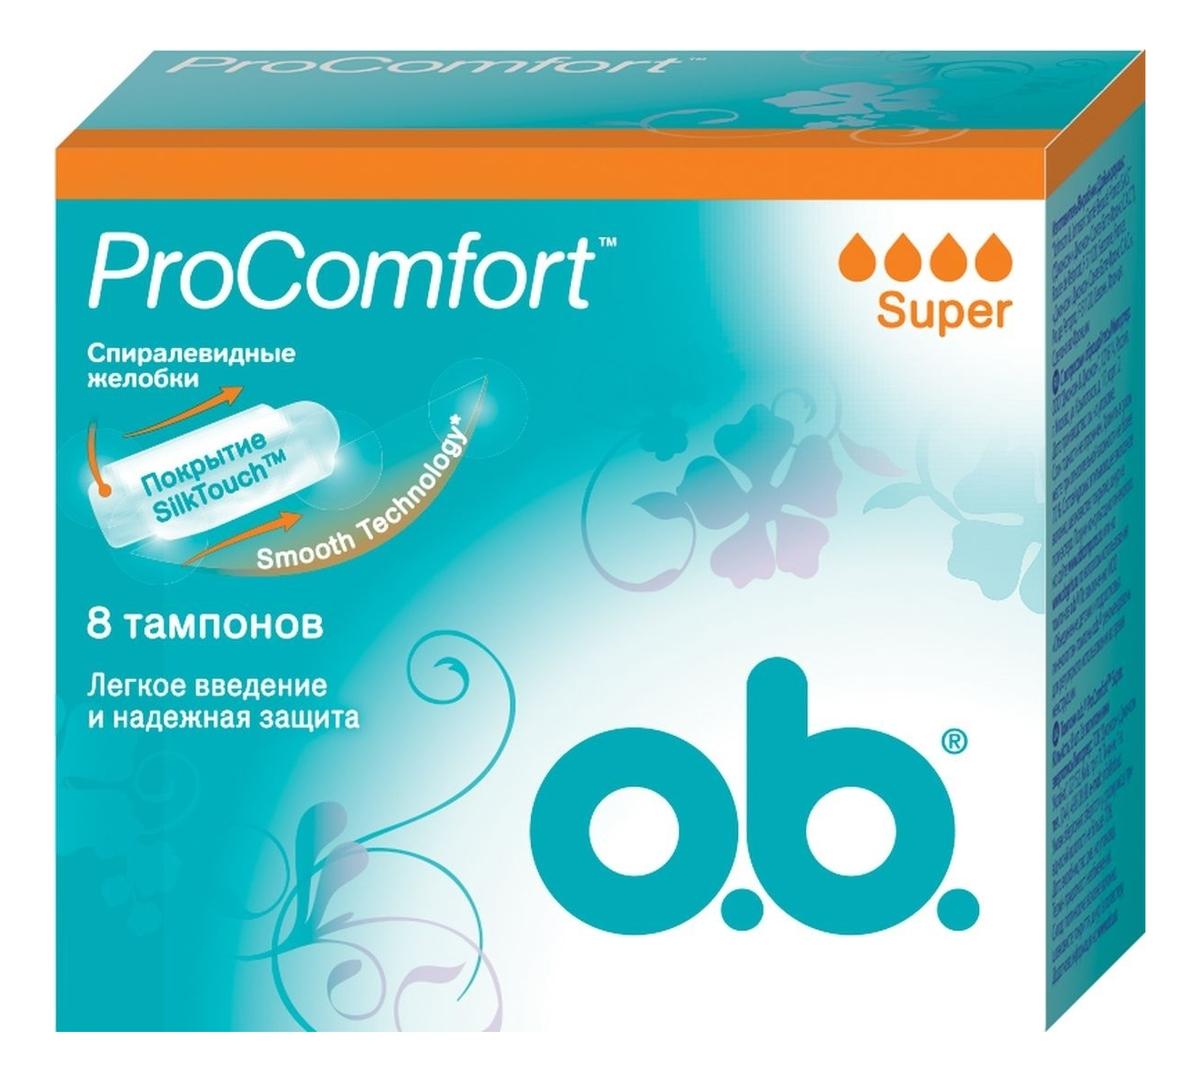 Купить Тампоны гигиенические ProComfort Super: Тампоны 8шт, o.b.